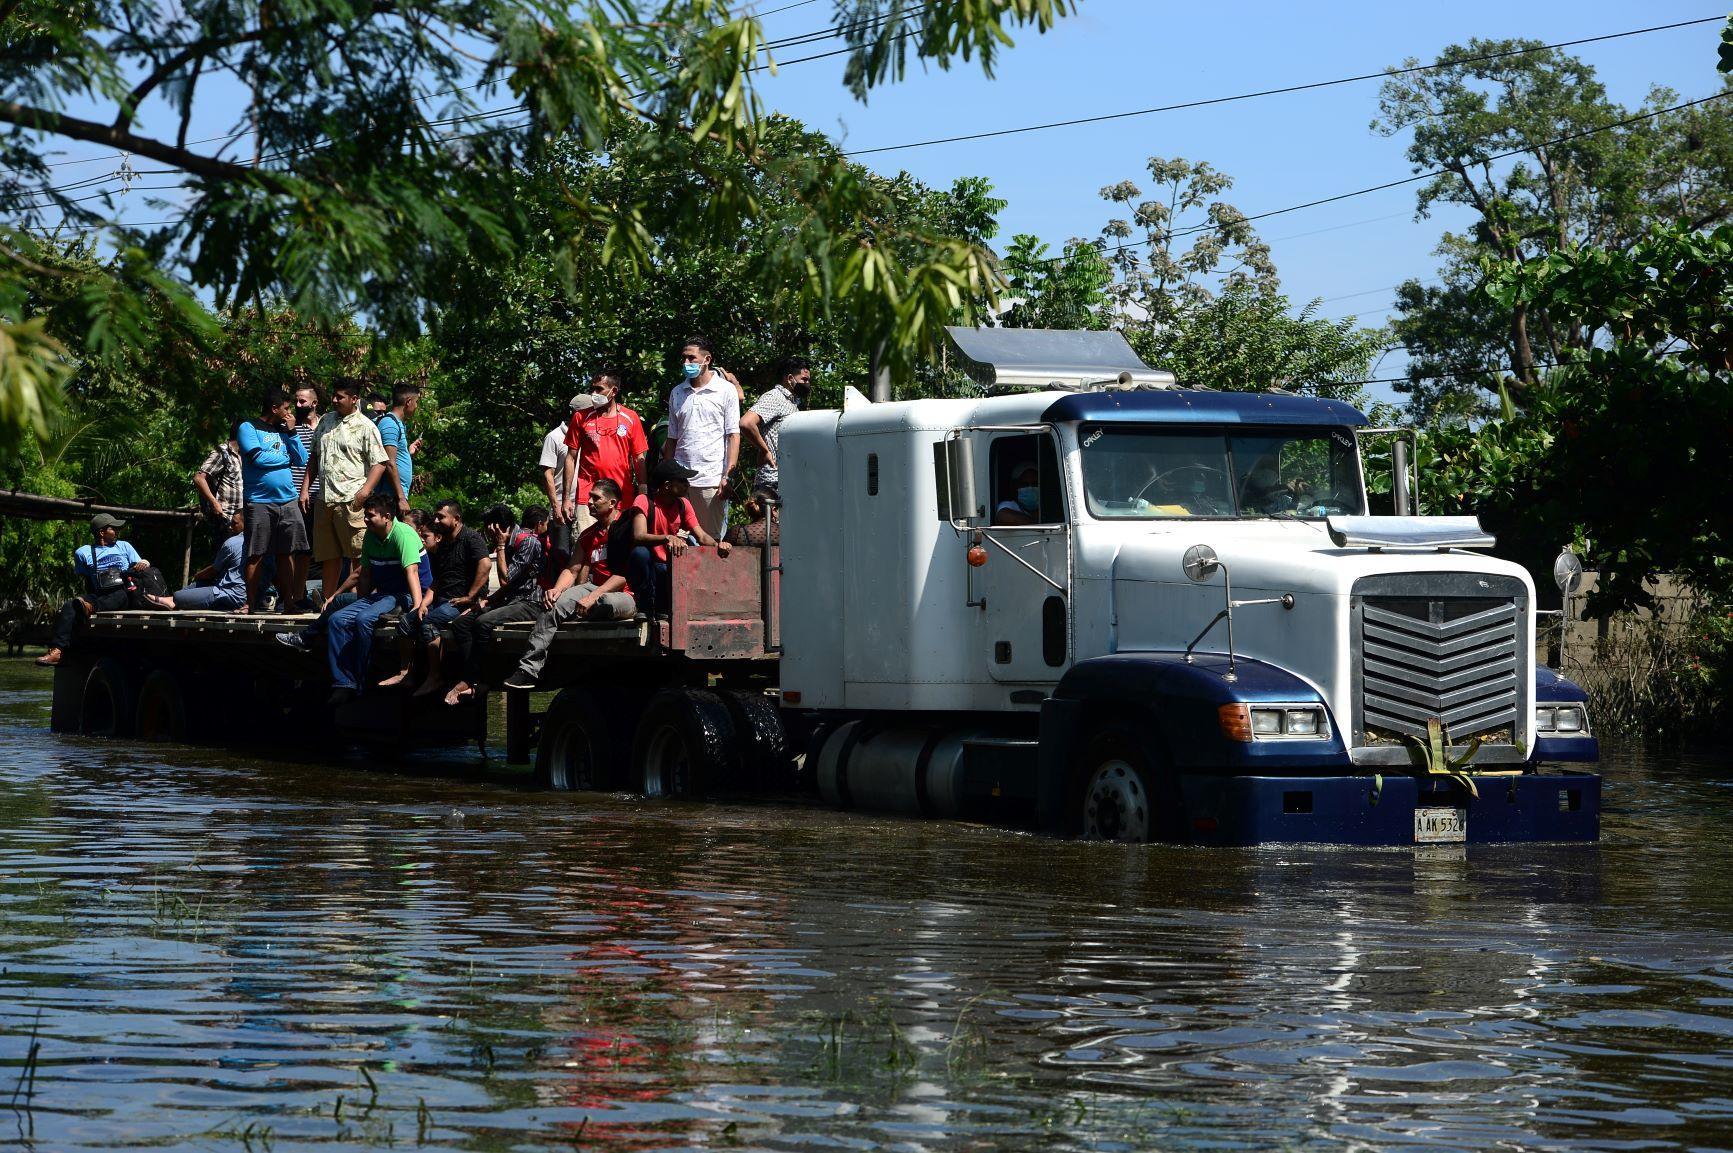 Resgate dos moradores em Honduras após passagem do Eta, que deixou 300 mil desabrigados na América Central: com este furacão, Atlântico Norte alcançou a marca recorde de 29 furacões no ano (Foto: Orlando Sierra/AFP)